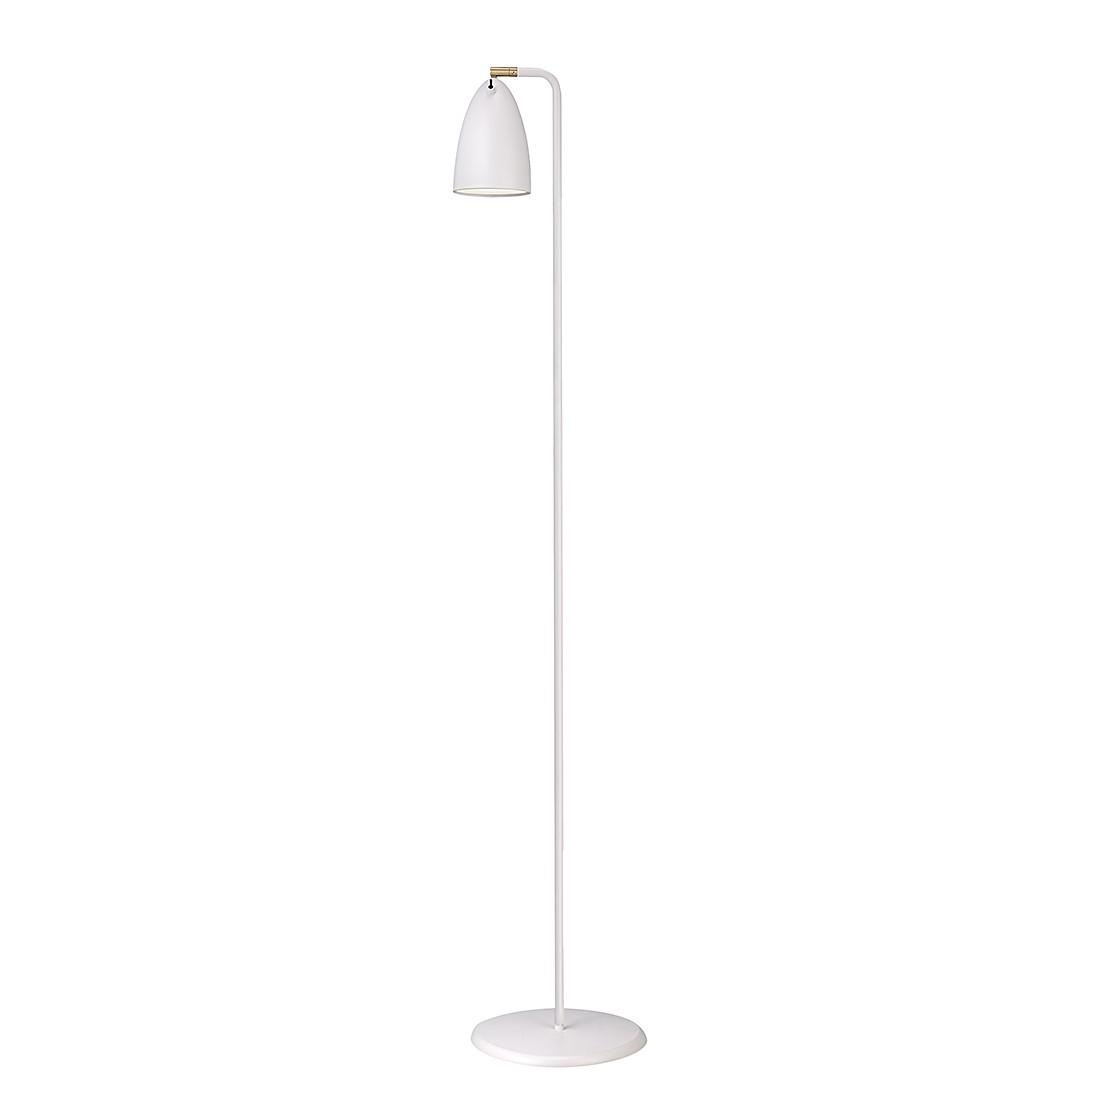 EEK A++, Lampadaire Nexus - 1 ampoule, Nordlux